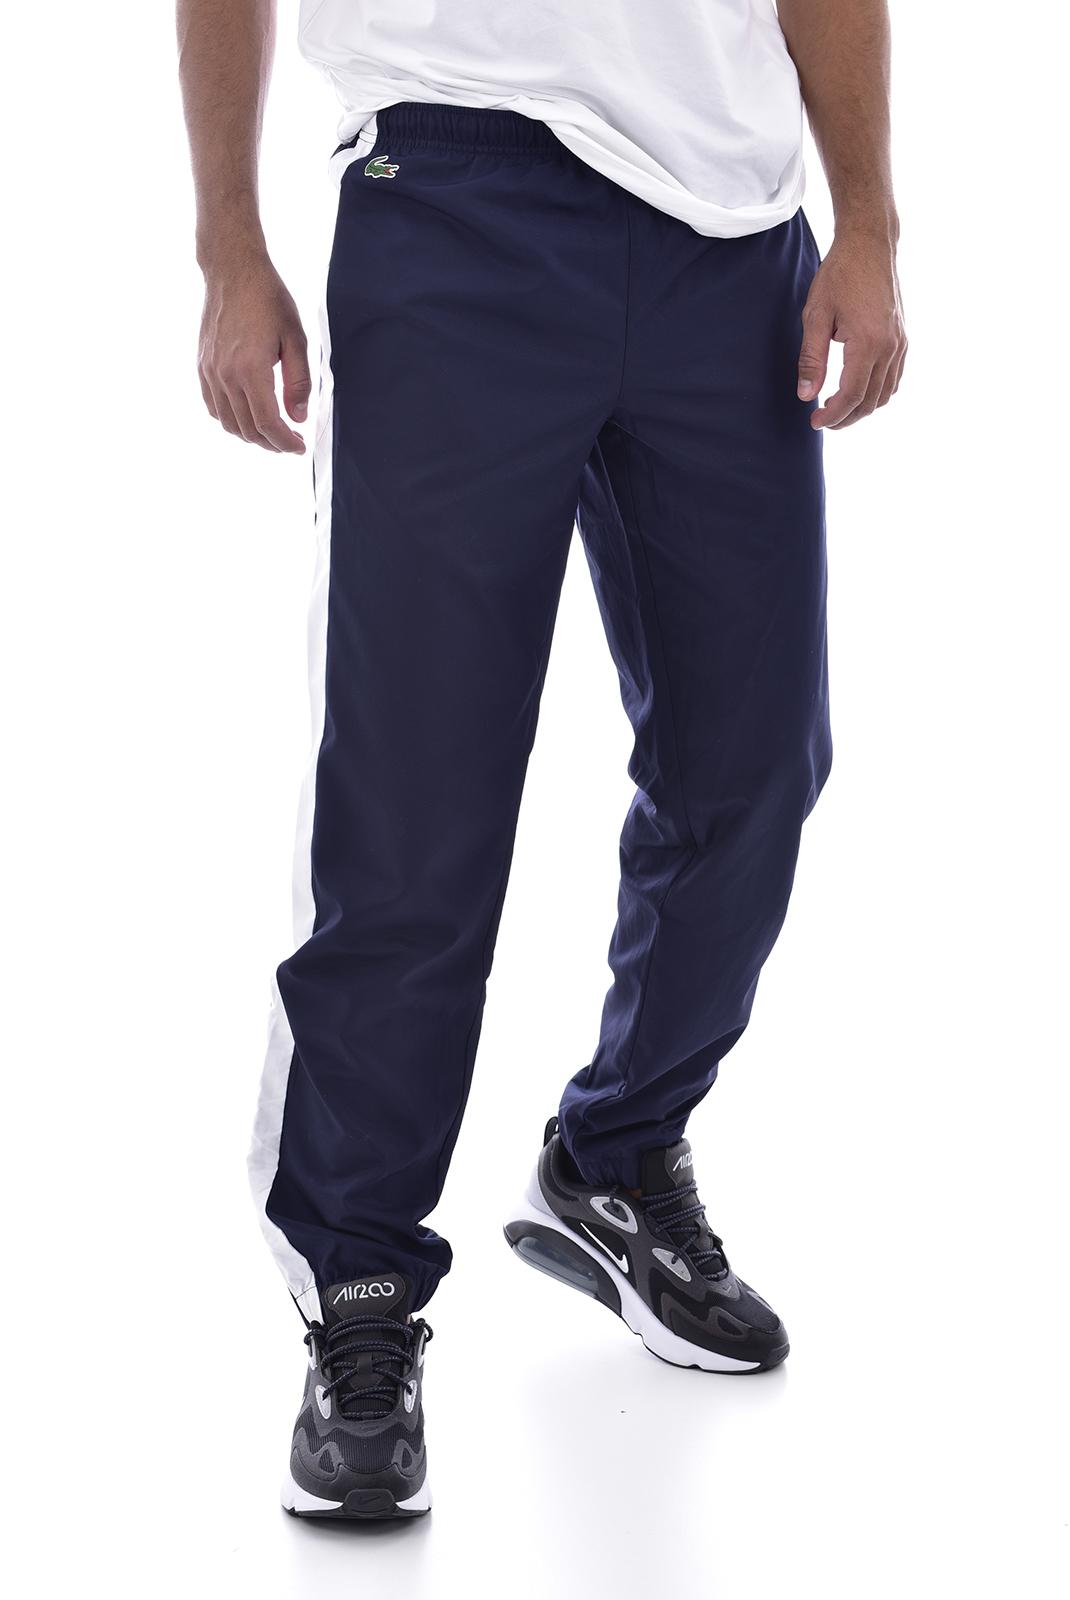 Pantalons sport/streetwear  Lacoste XH3590 00RLC